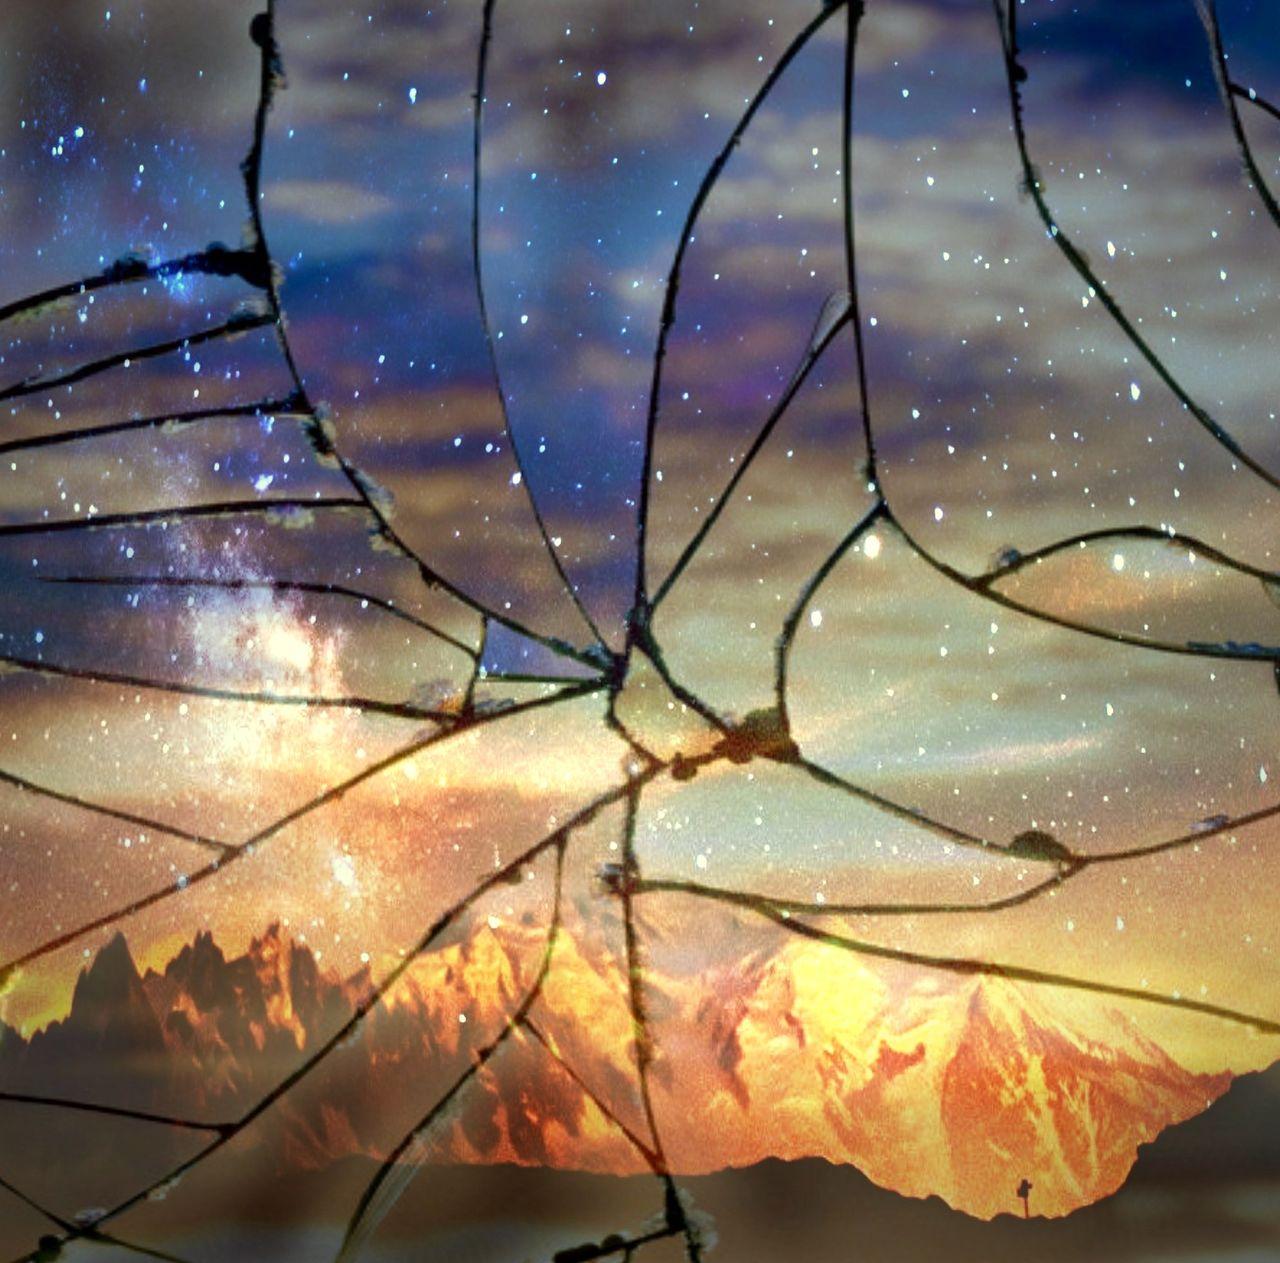 Danielle Arnal nuit miroir